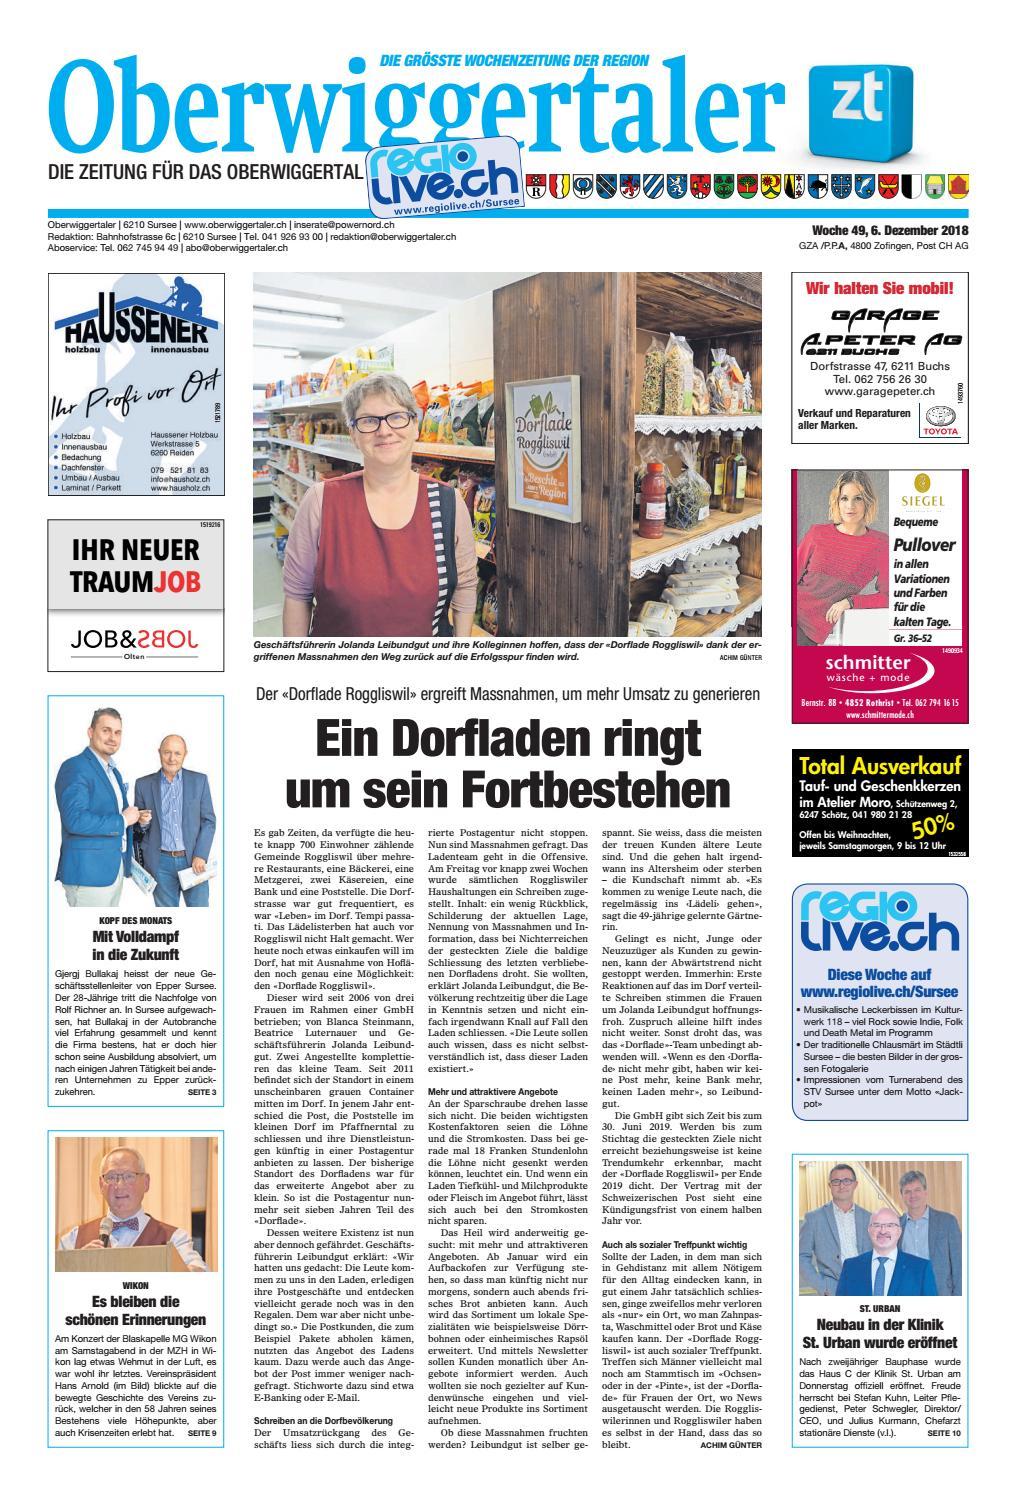 Oberwiggertaler 49 18 by ZT Medien AG - issuu d4c80e8999